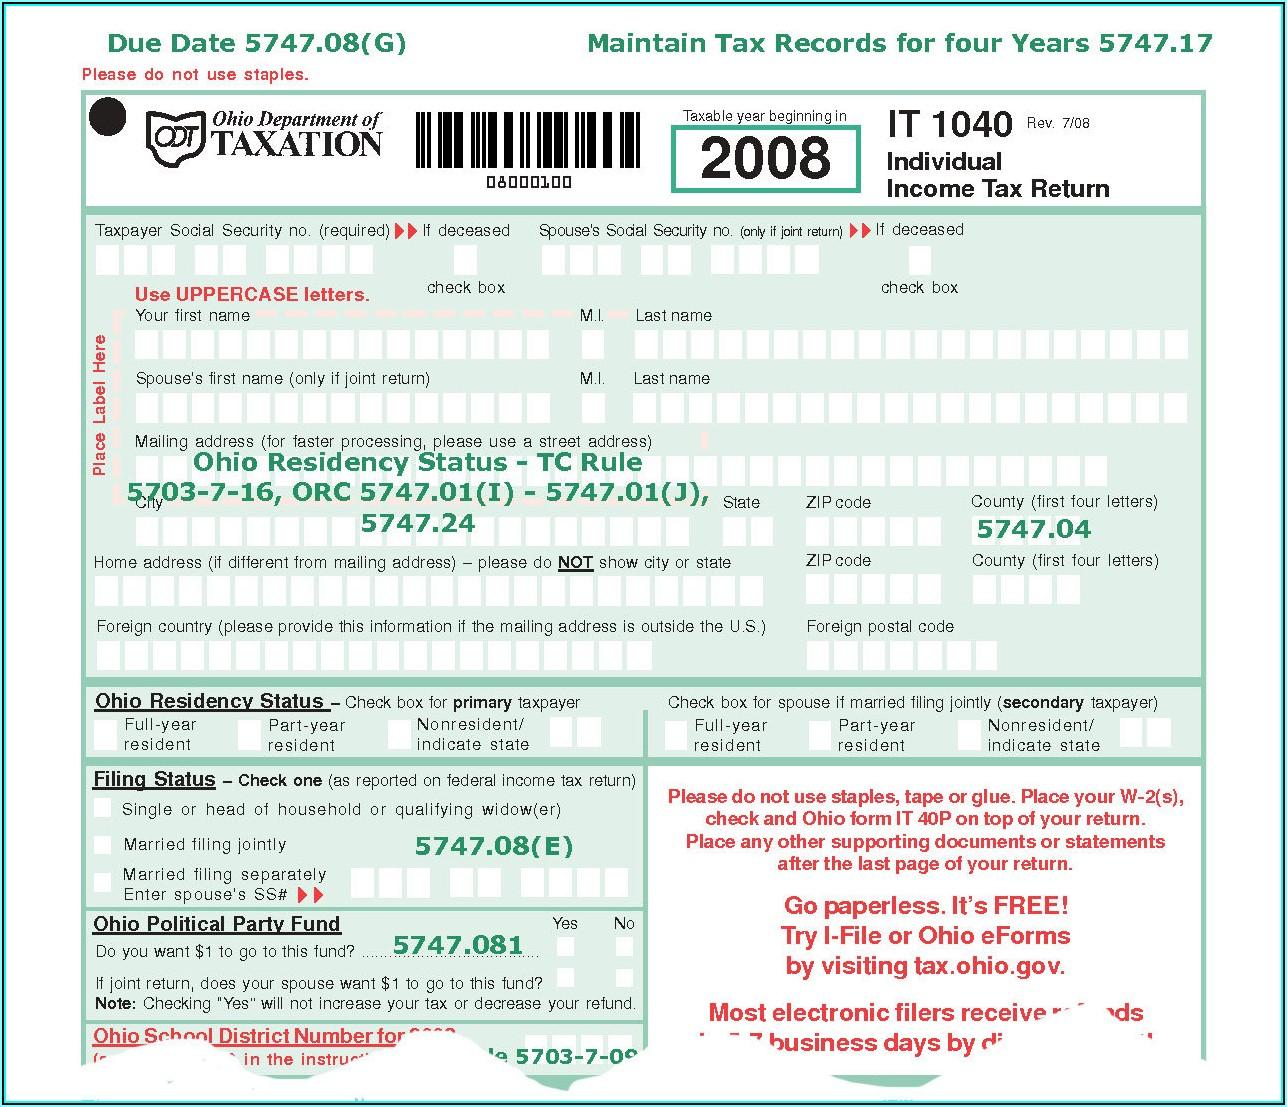 Ohio.gov Tax Forms